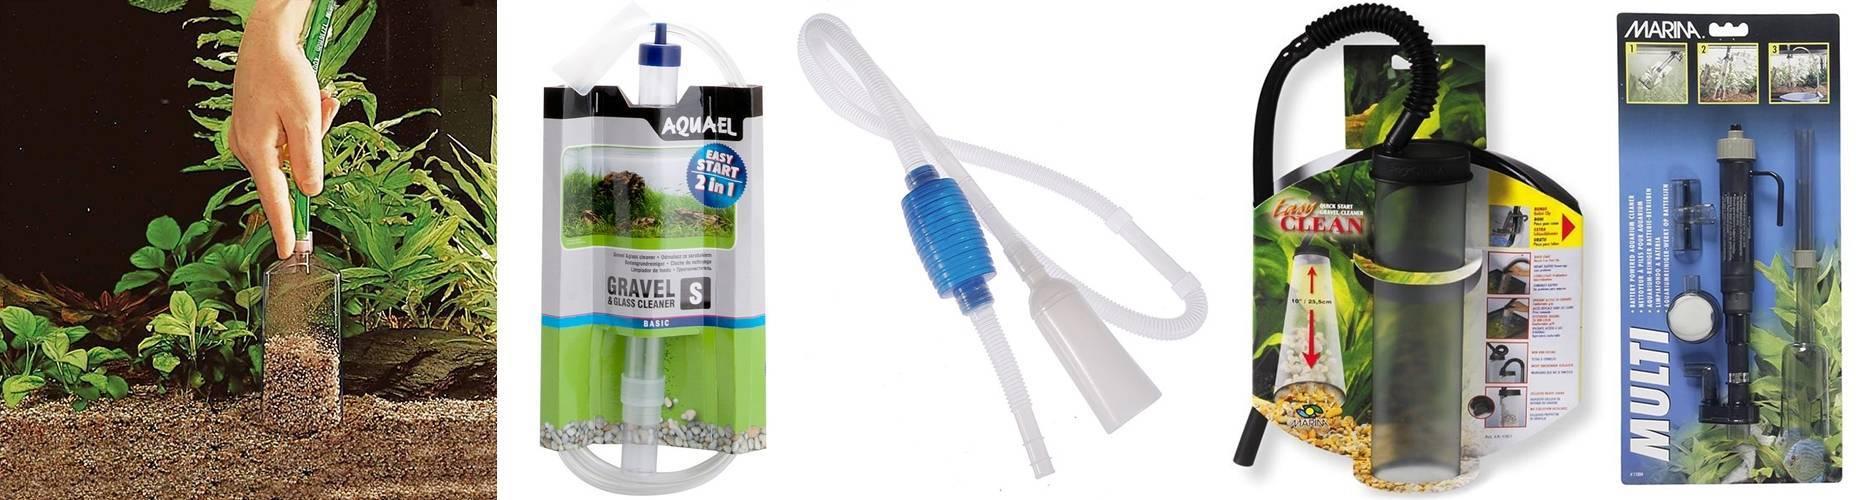 Сифон для аквариума: в каких случаях лучше выбрать электрический, а в каких механический пылесос для чистки грунта, а также, как работает грунтоочиститель